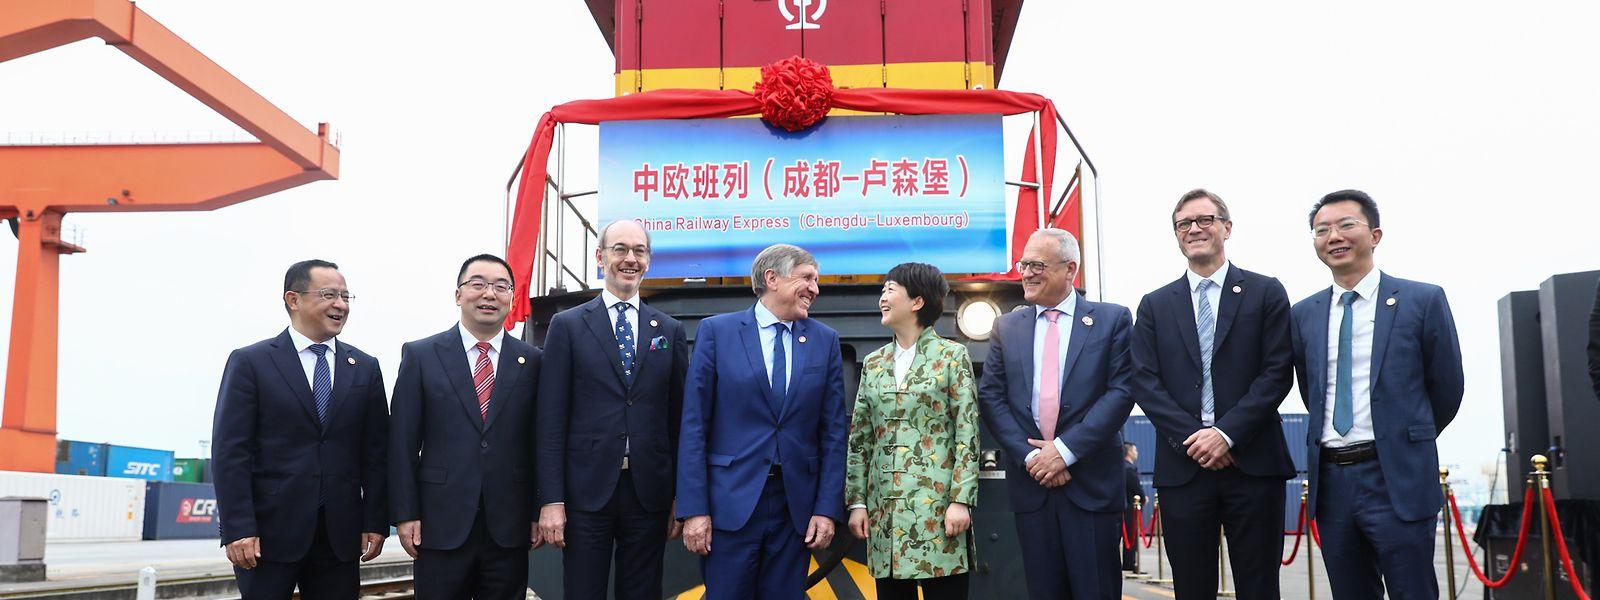 En octobre 2019, le convoi chinois avait été accueilli en grande pompe au centre multimodal.